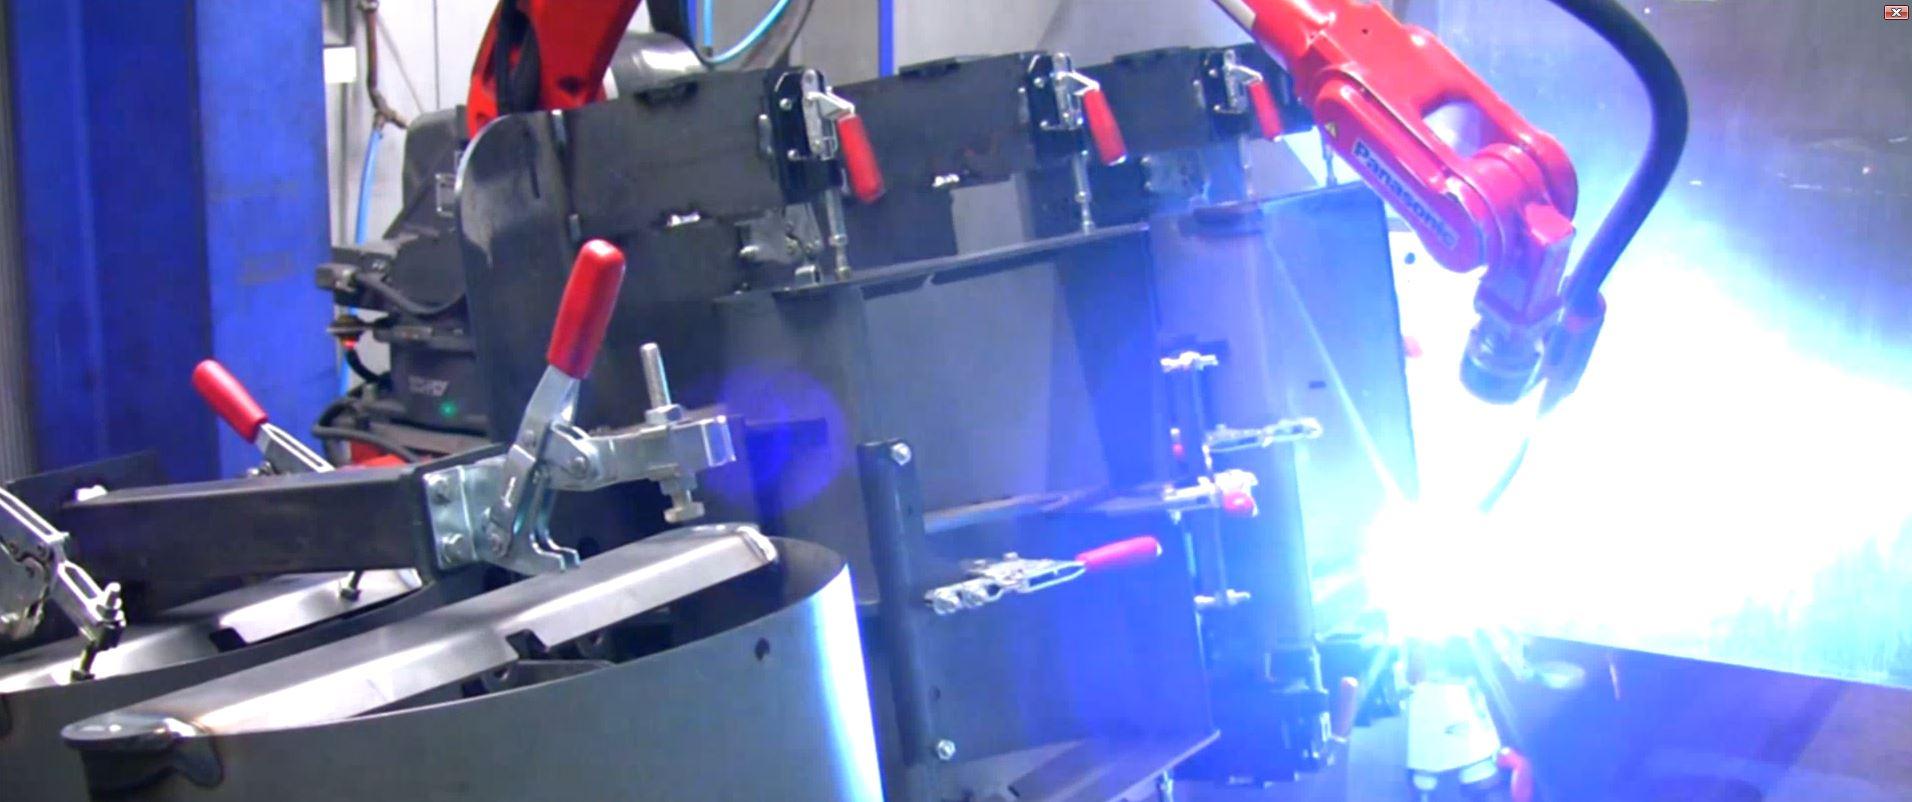 KUIPERS_technologies_Leistungen_Laserschweissen